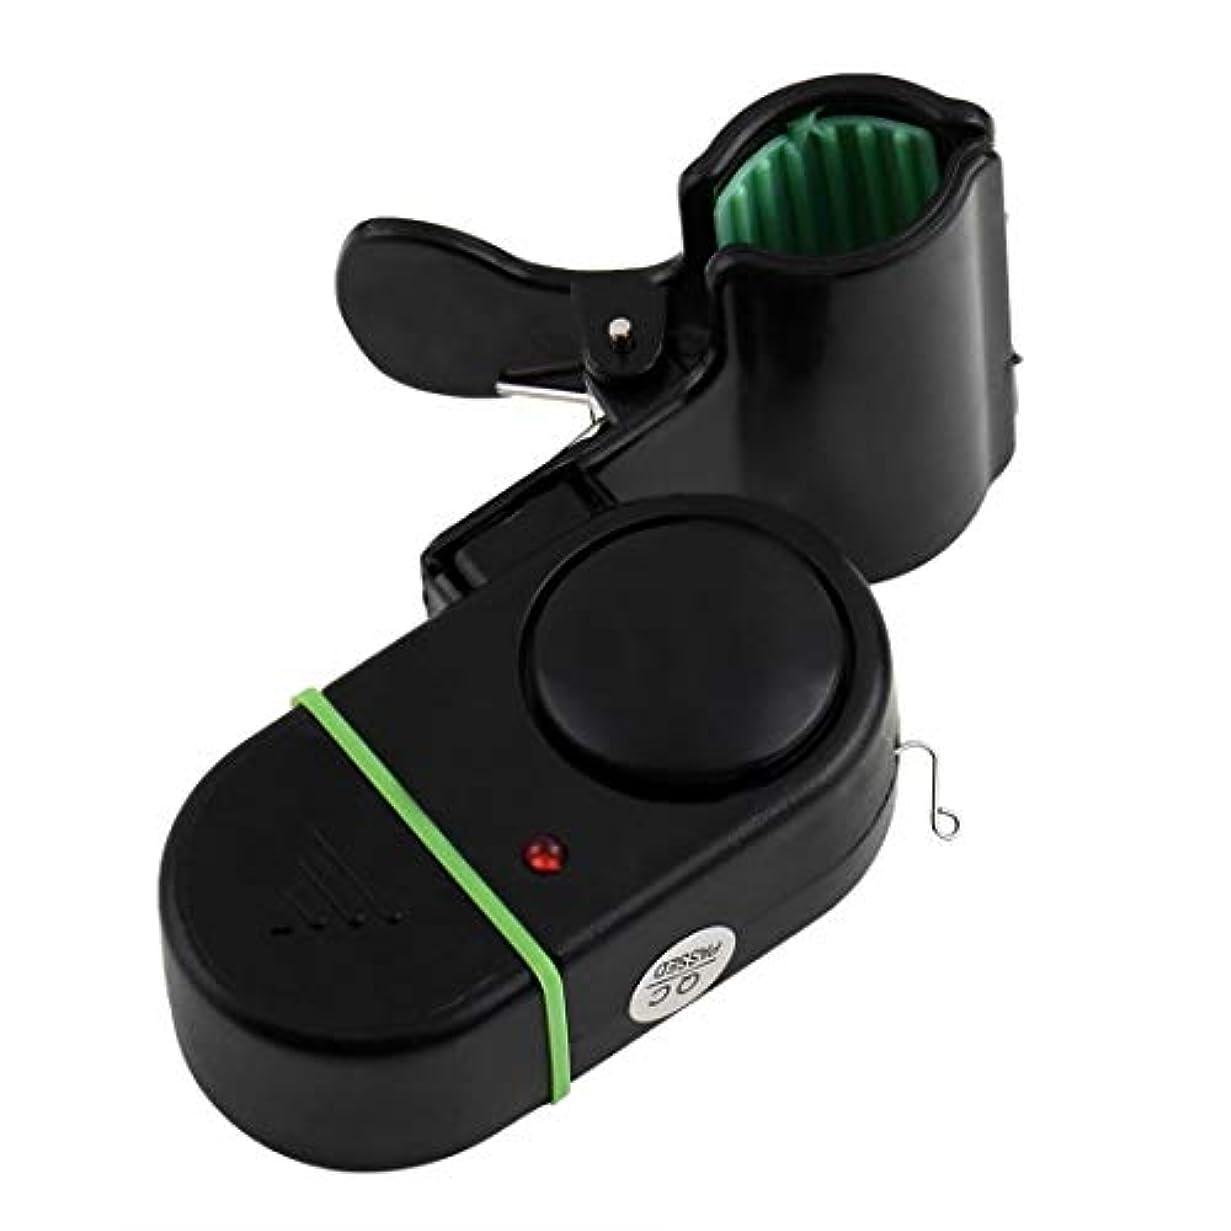 本質的ではない消費開発釣り竿 電子噛む魚の警報鐘釣竿W / LEDの省エネの音および軽い警報装置最大80dBまでの最大音量、ボルトレスシール付きの外層、耐久性のあるABS製